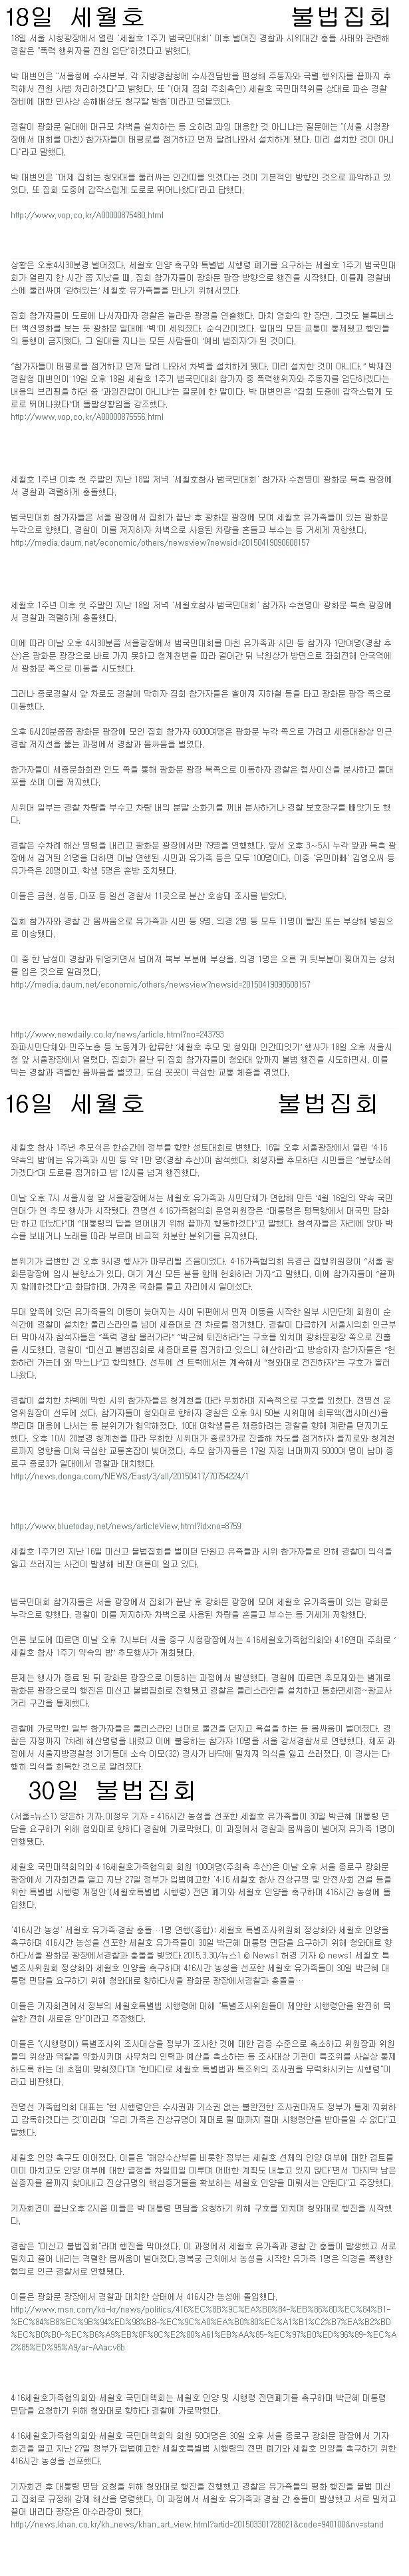 세월호 집외가 불법시위인 이유